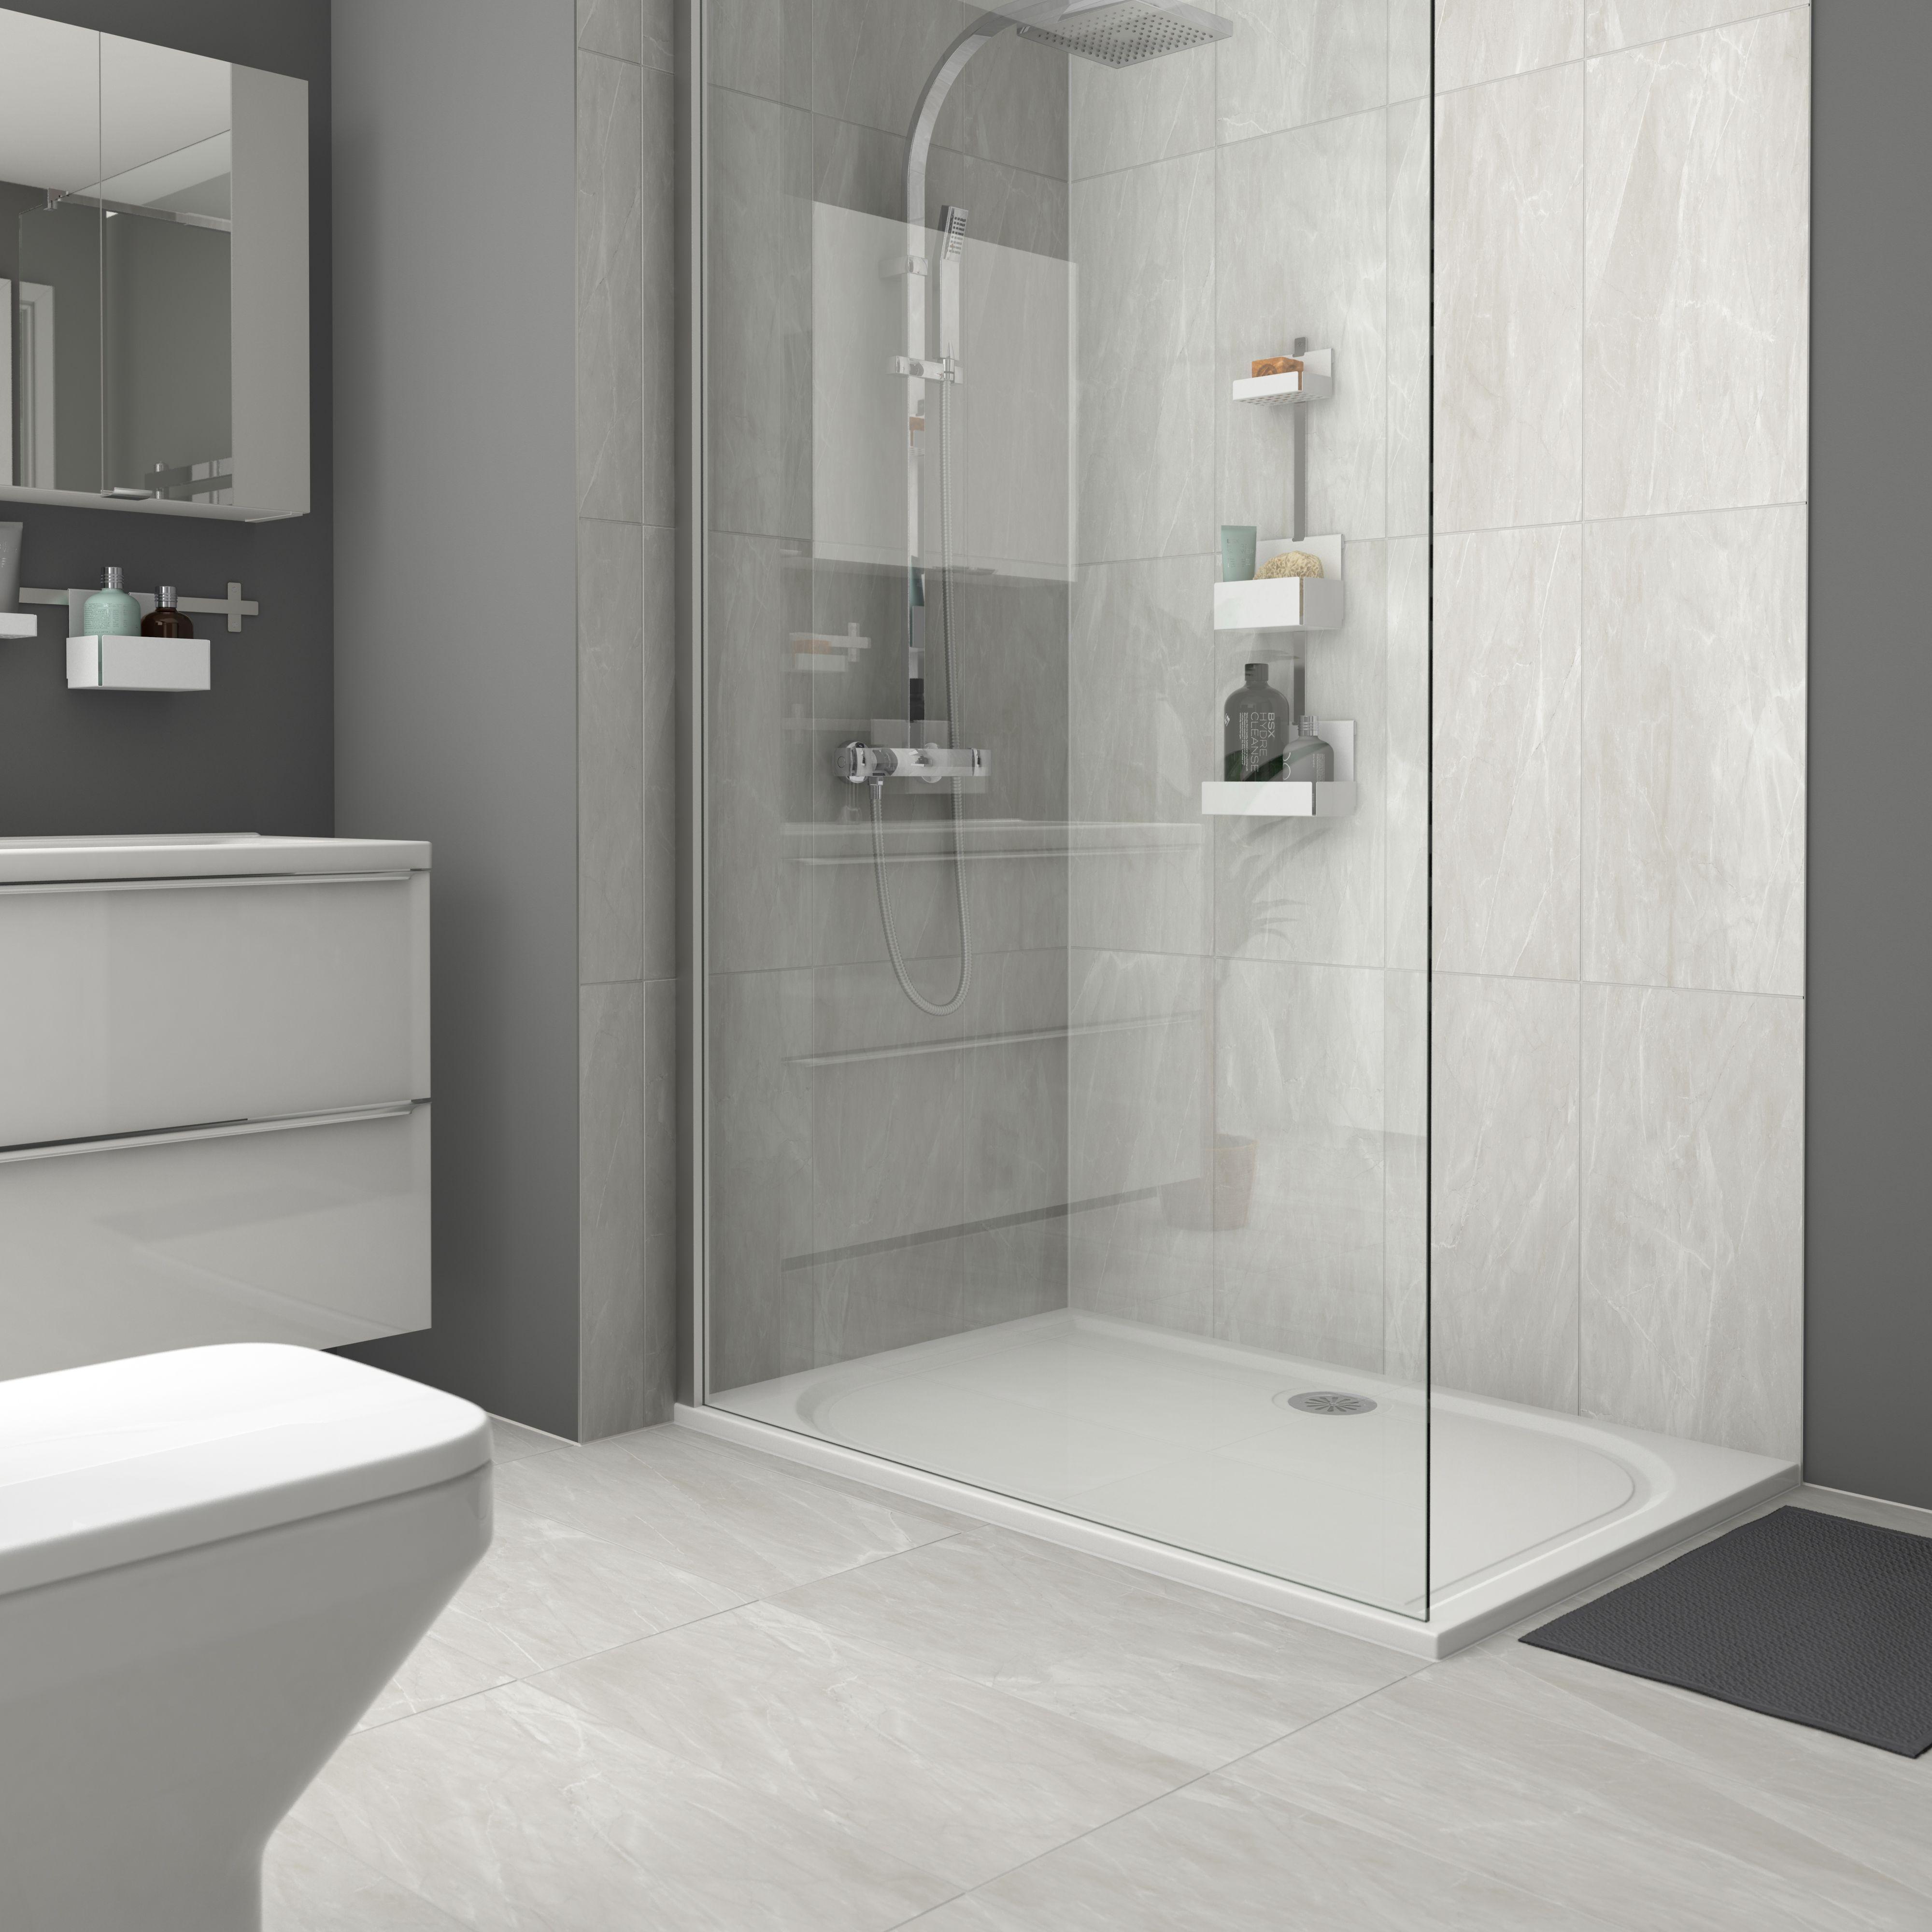 Killington Light Grey Matt Marble Effect Ceramic Floor Tile Pack Of 6 L 600mm W 300mm Ceramic Floor Tile Light Grey Bathrooms Gray Tile Bathroom Floor